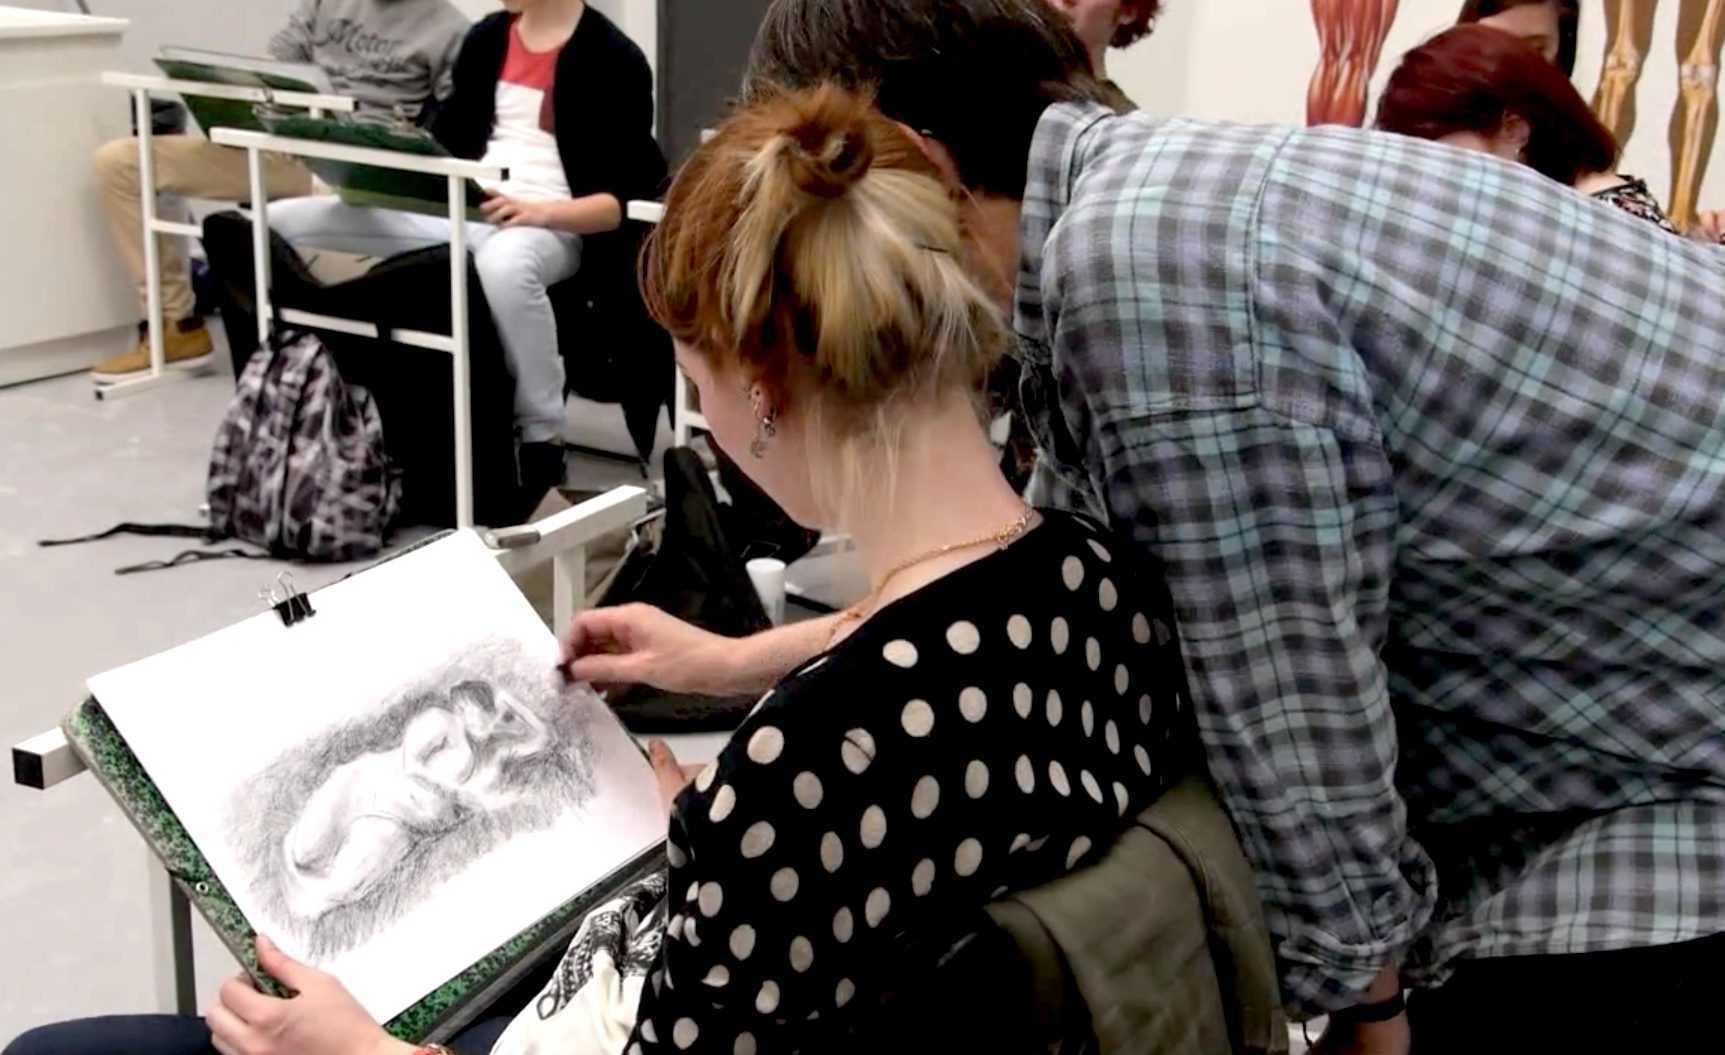 cours-video-modele-vivant-video-atelier-beaux-arts-2016-1.jpg